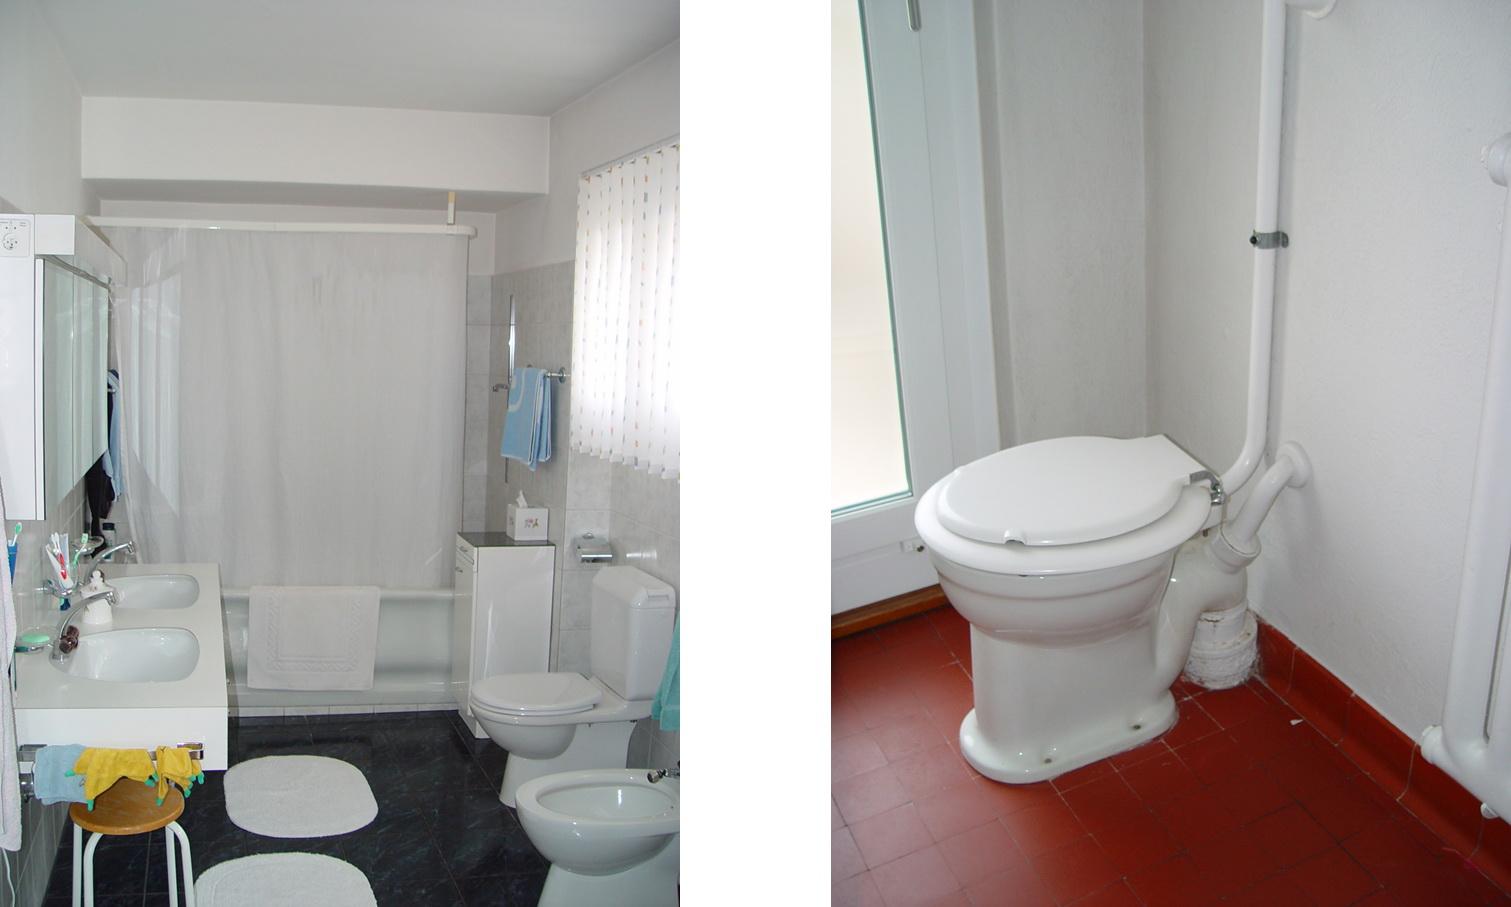 Efh zofingen renovation badezimmer walter b rgi for Innenarchitektur badezimmer